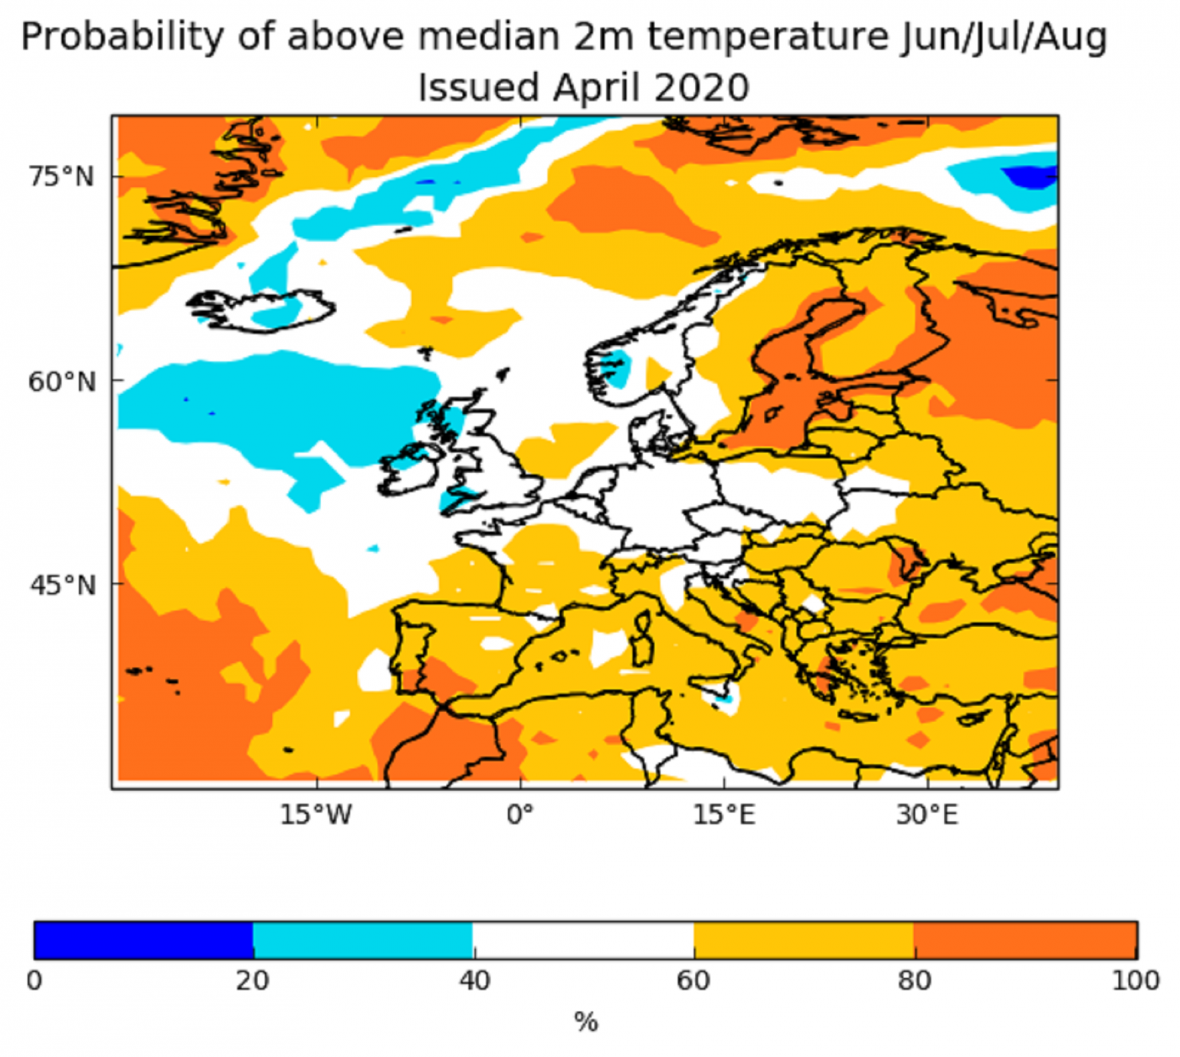 Podle Evropského centra pro sezónní předpovědi je zatím 50% pravděpodobnost jak pro suché a horké léto, tak pro chladné a deštivé